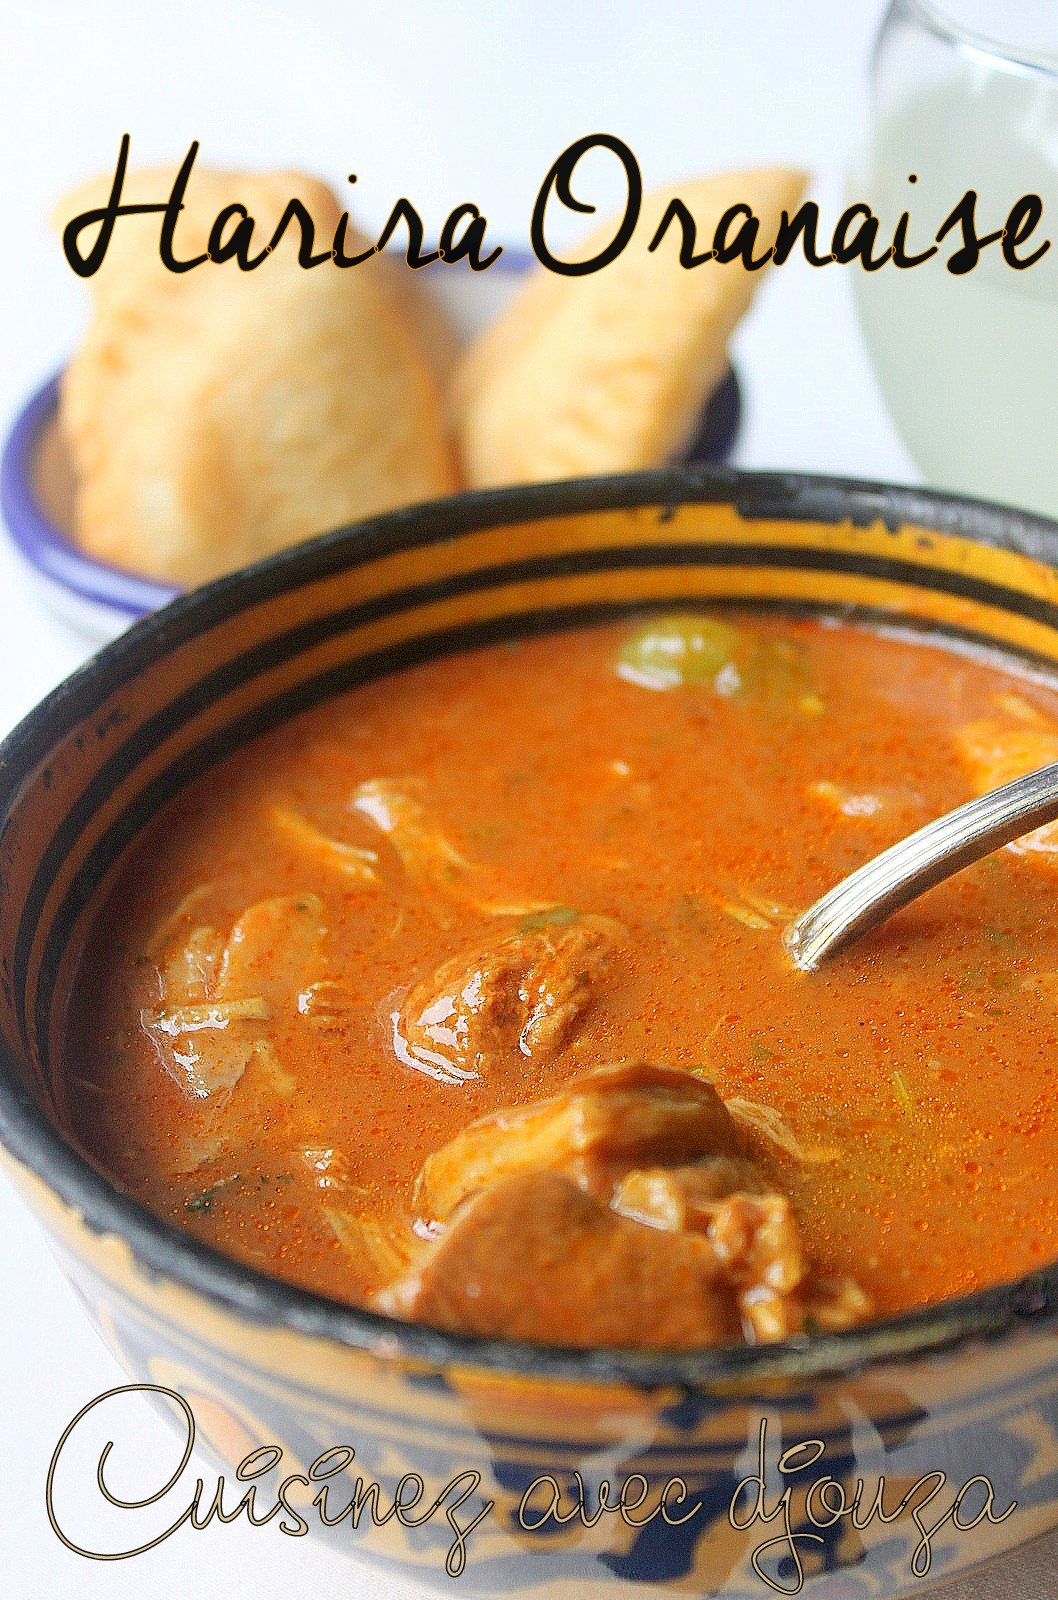 Soupe harira oranaise